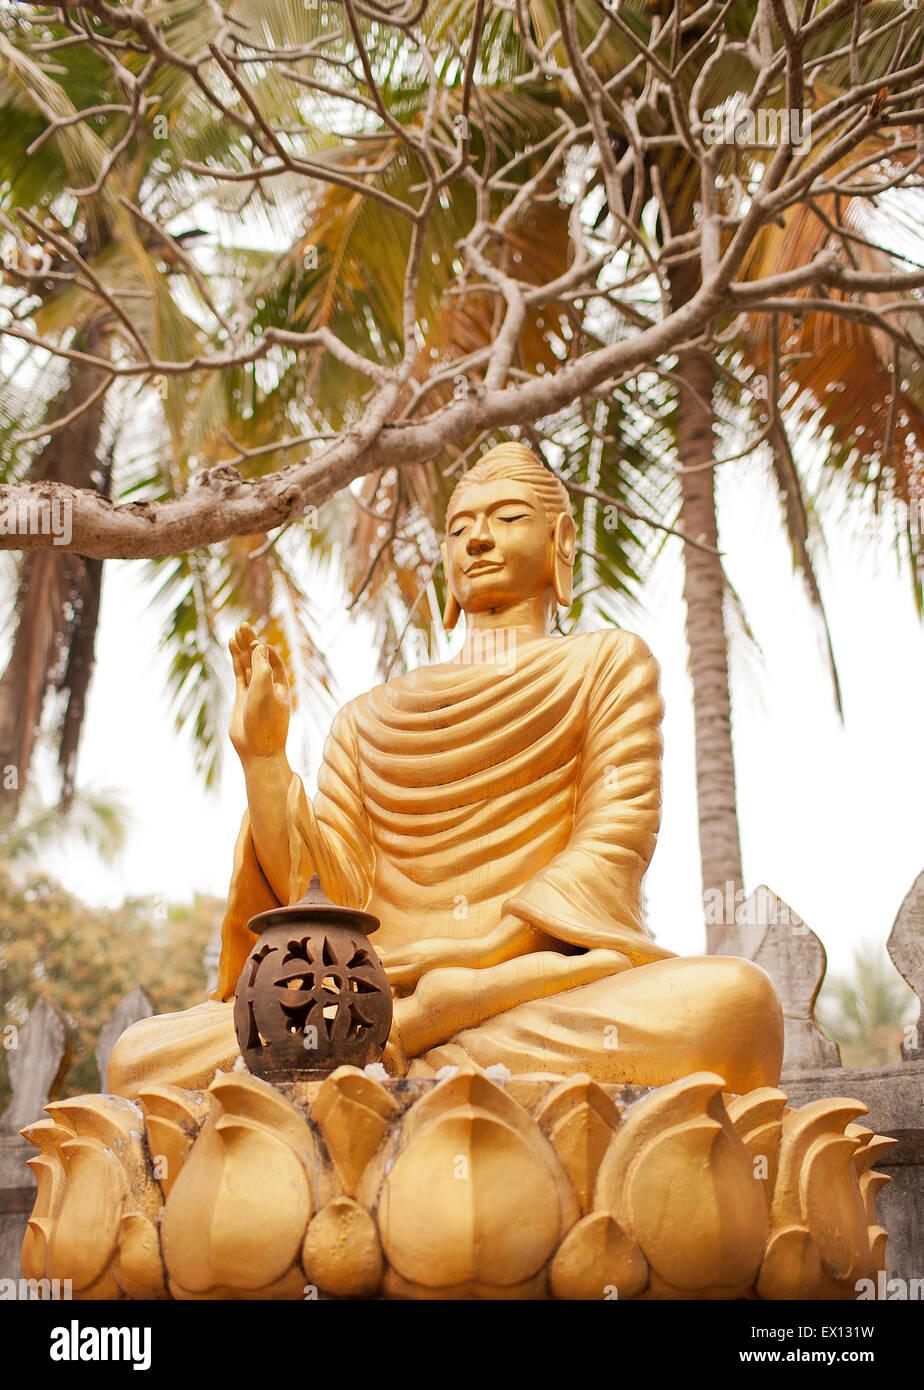 Ein Garten der Buddhas in Wat Choumkhong. Die Buddhas zeigen einige der 7 Positionen von Buddha.Luang Prabang, Laos Stockbild